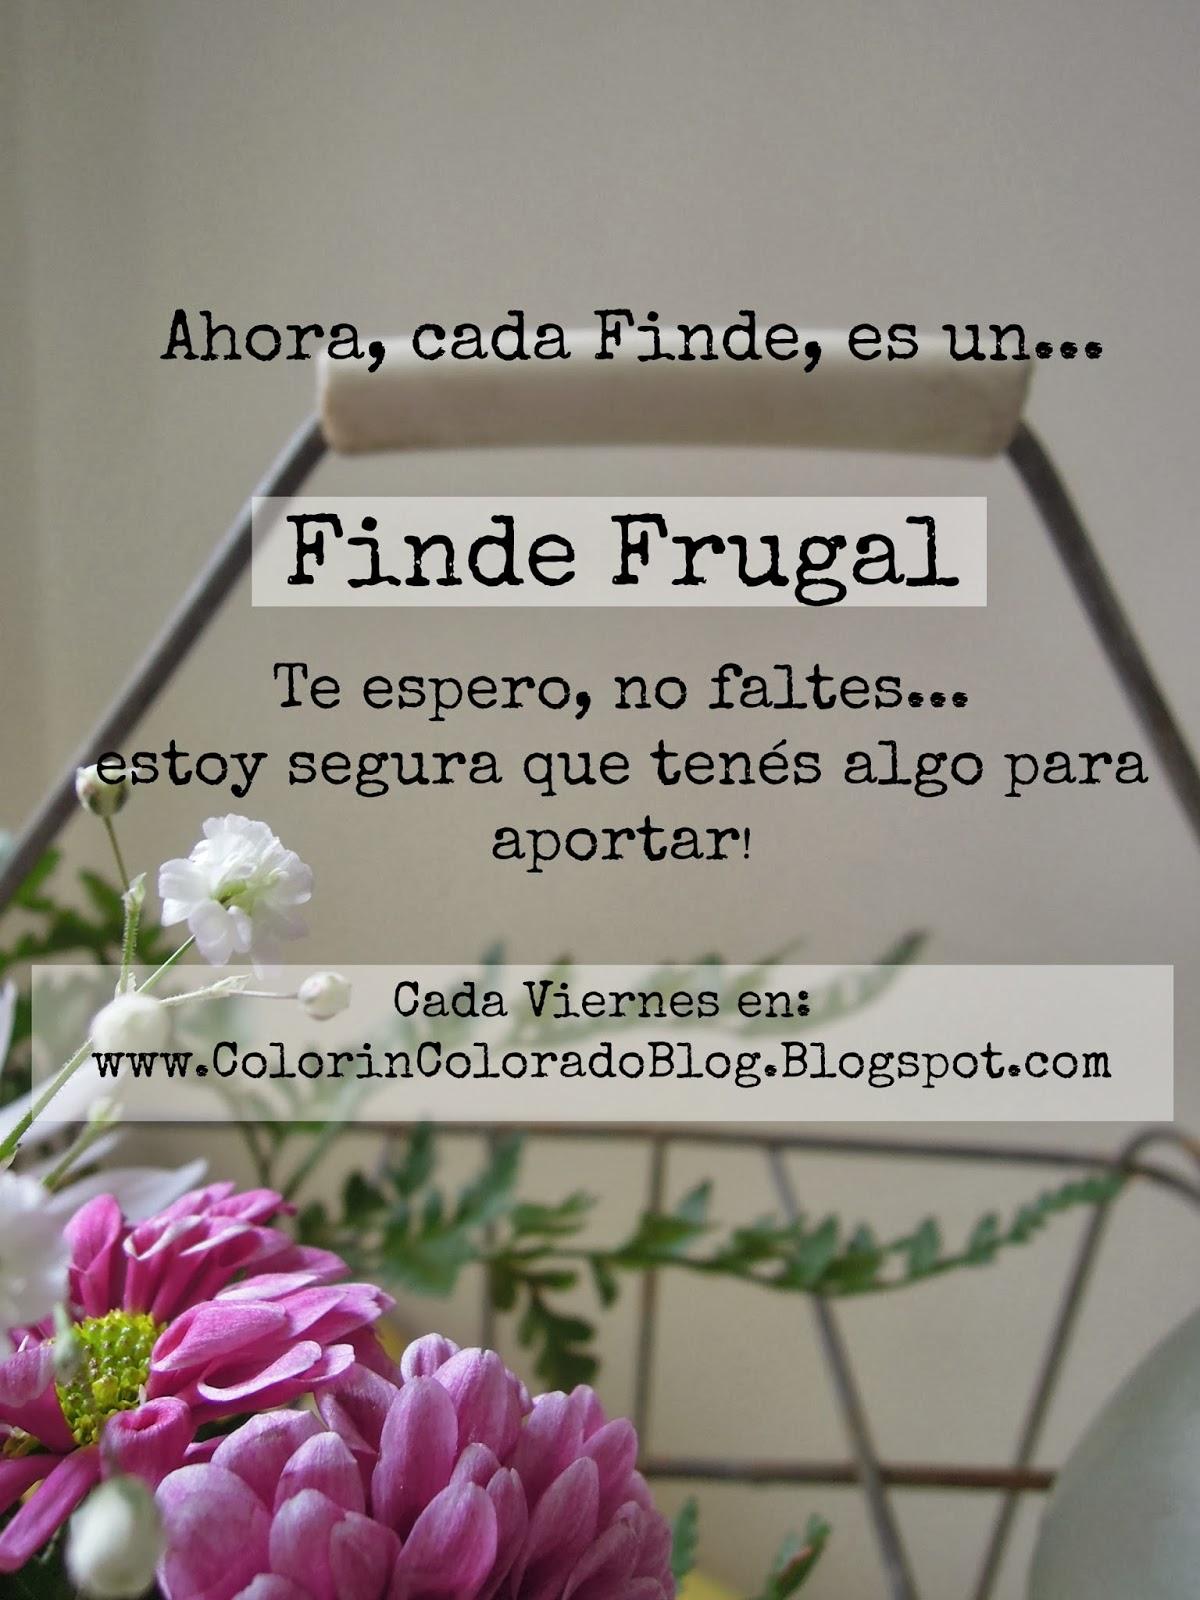 Finde Frugal